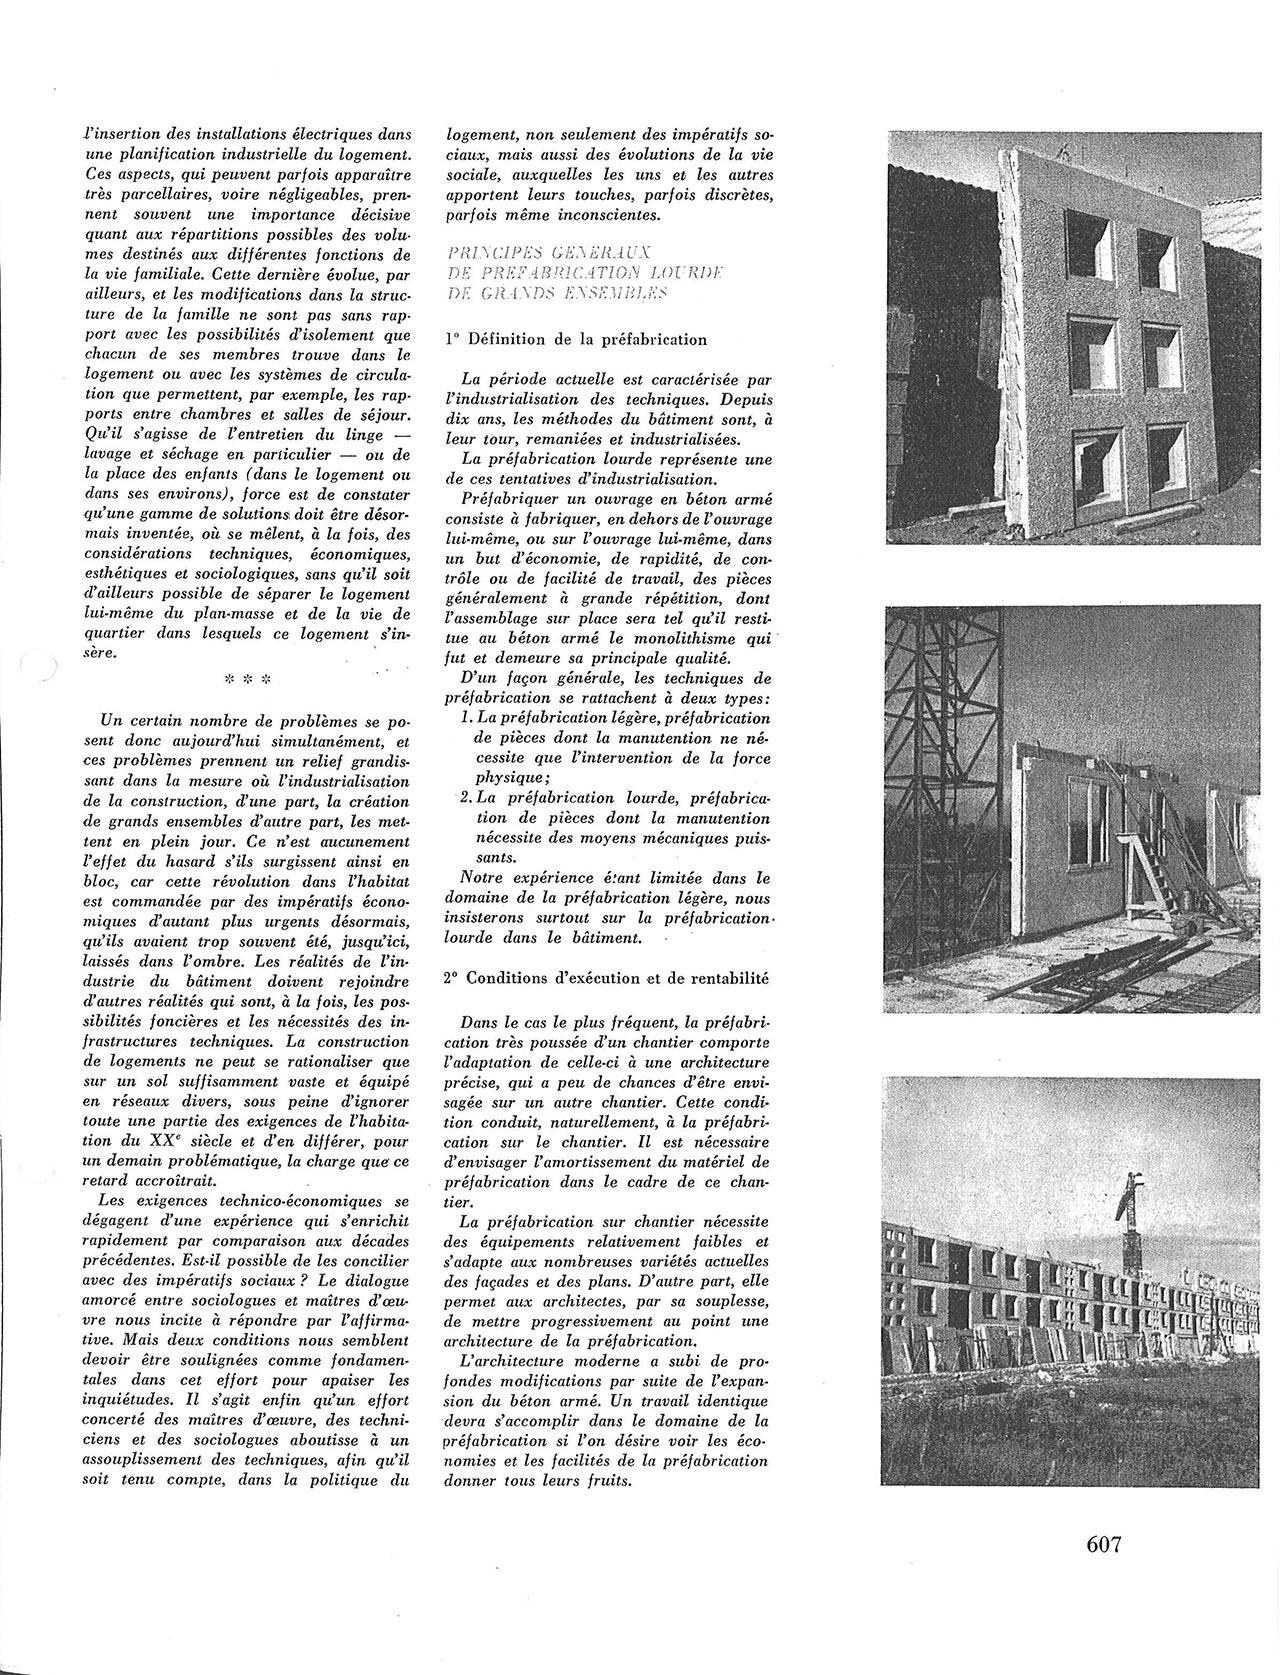 Problèmes sociologiques et techniques du bâtiment